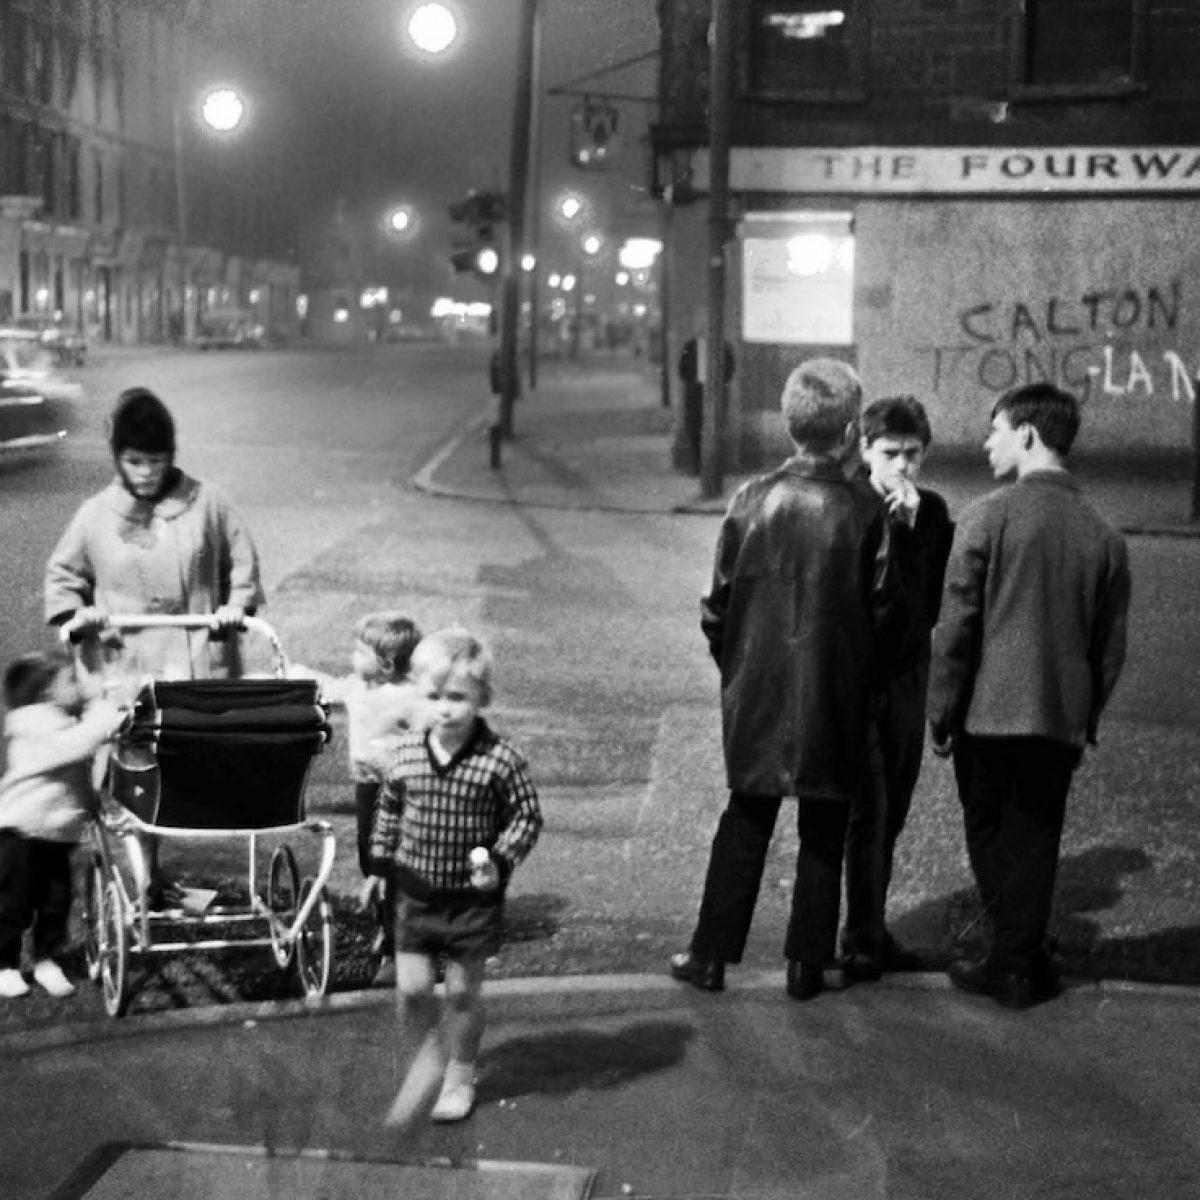 The Fourways. Glasgow, 1968.